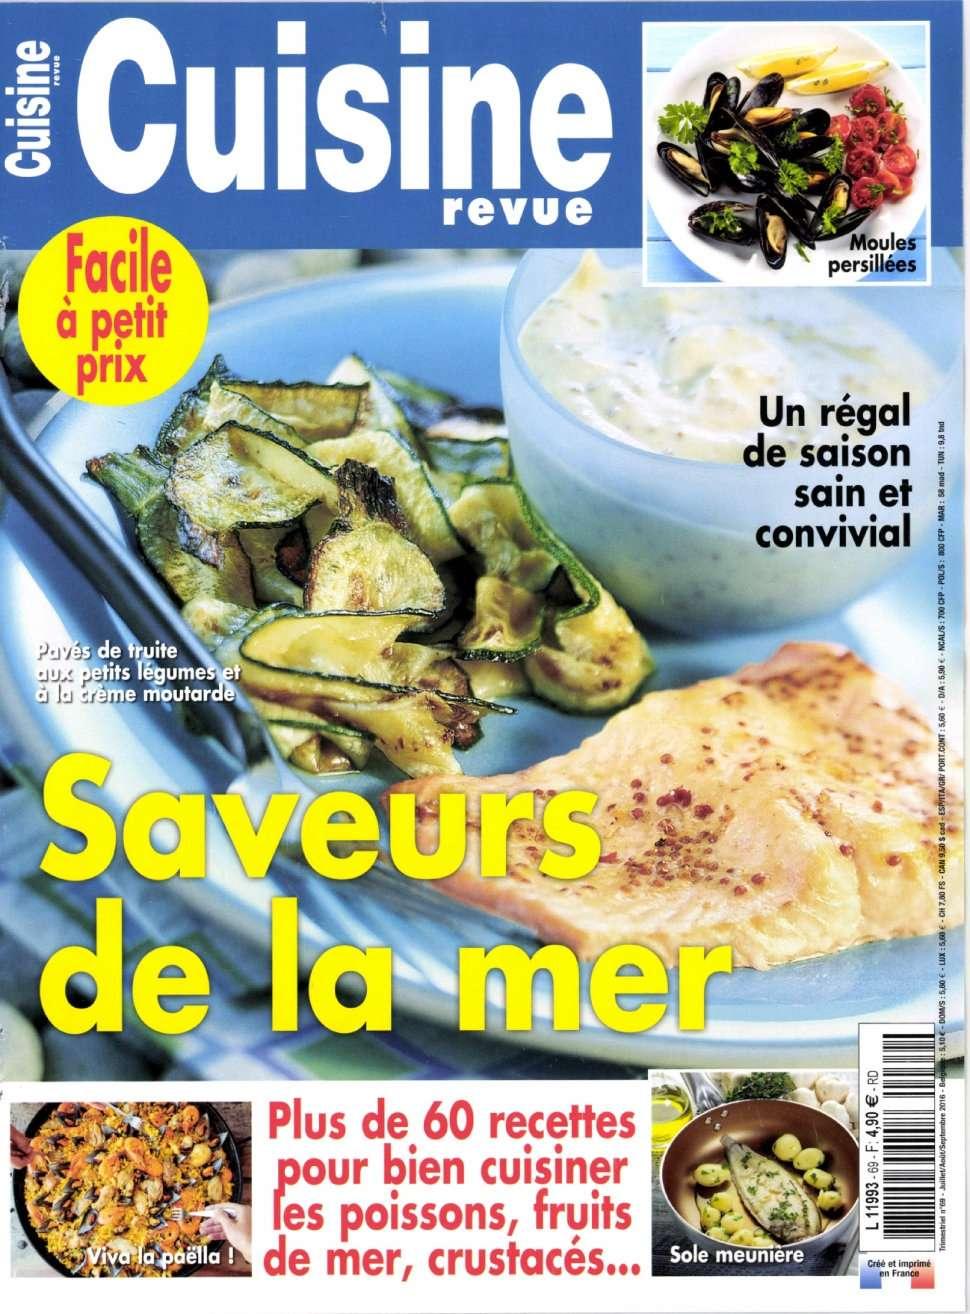 Cuisine Revue 69 - Juillet/Septembre 2016